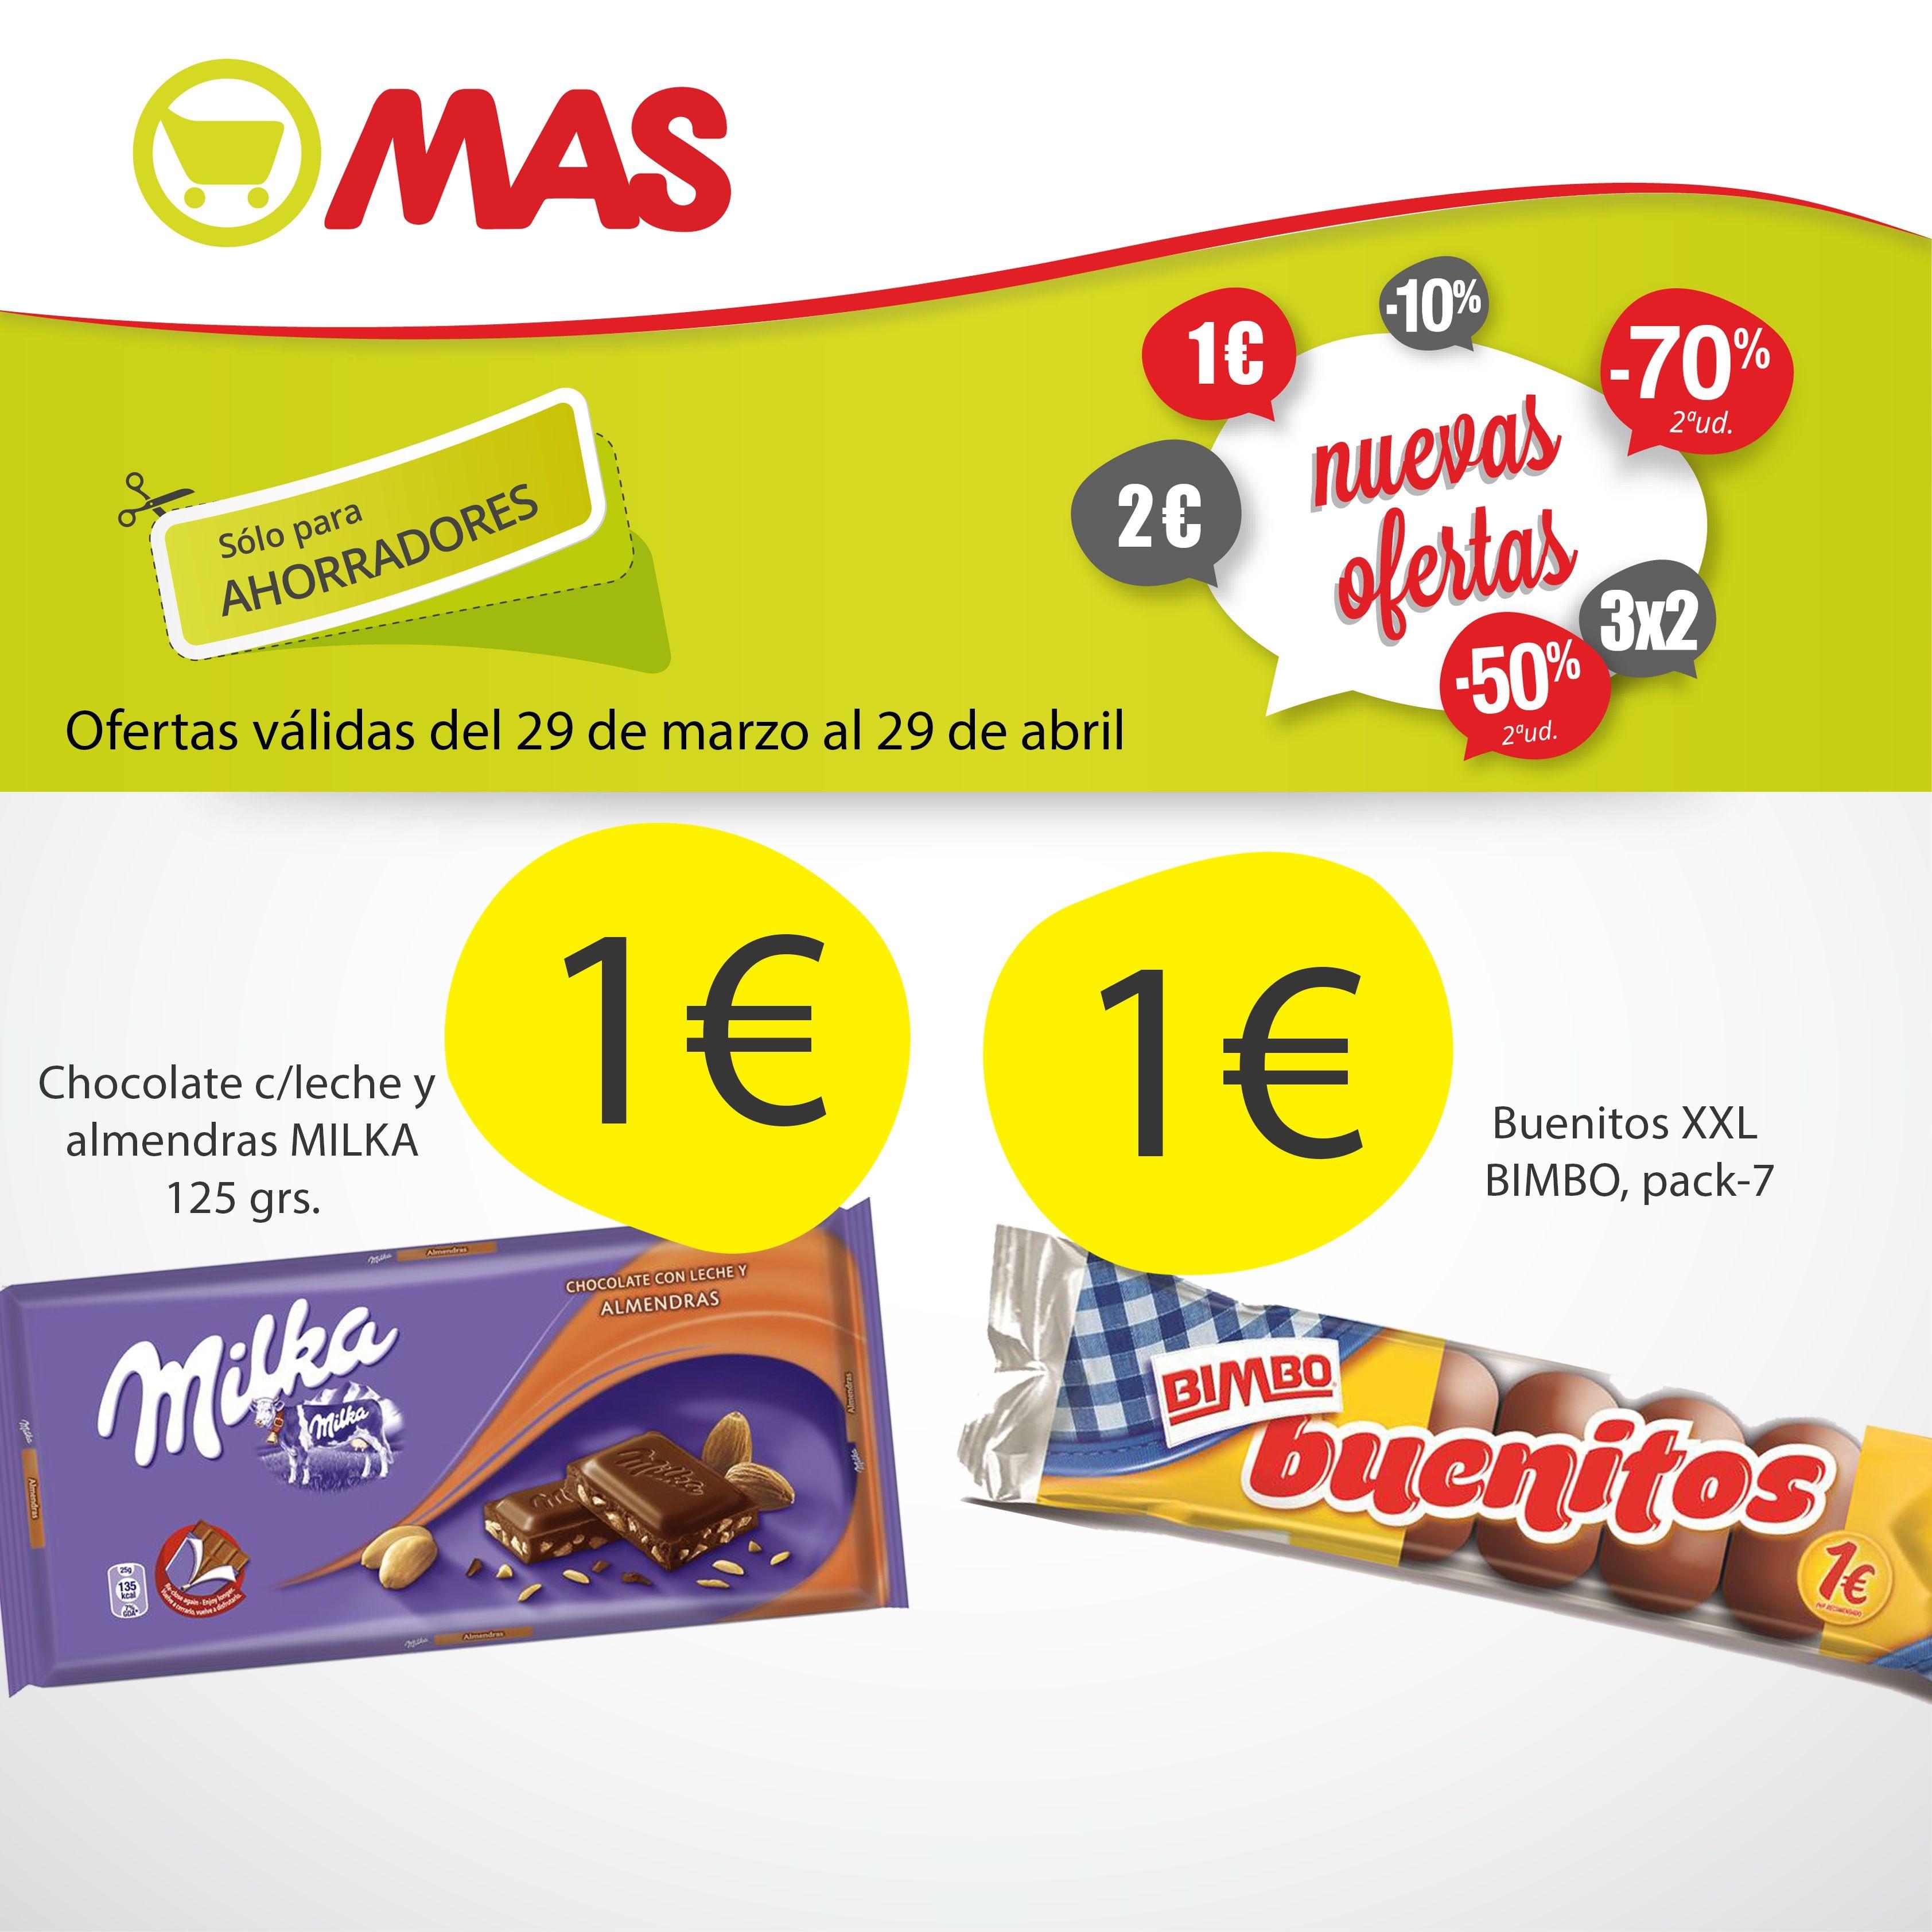 Meriendas De Chocolate En Supermercados Mas Tan Sólo 1 Un Caprichito Que Te Alegrará La Tarde Grs